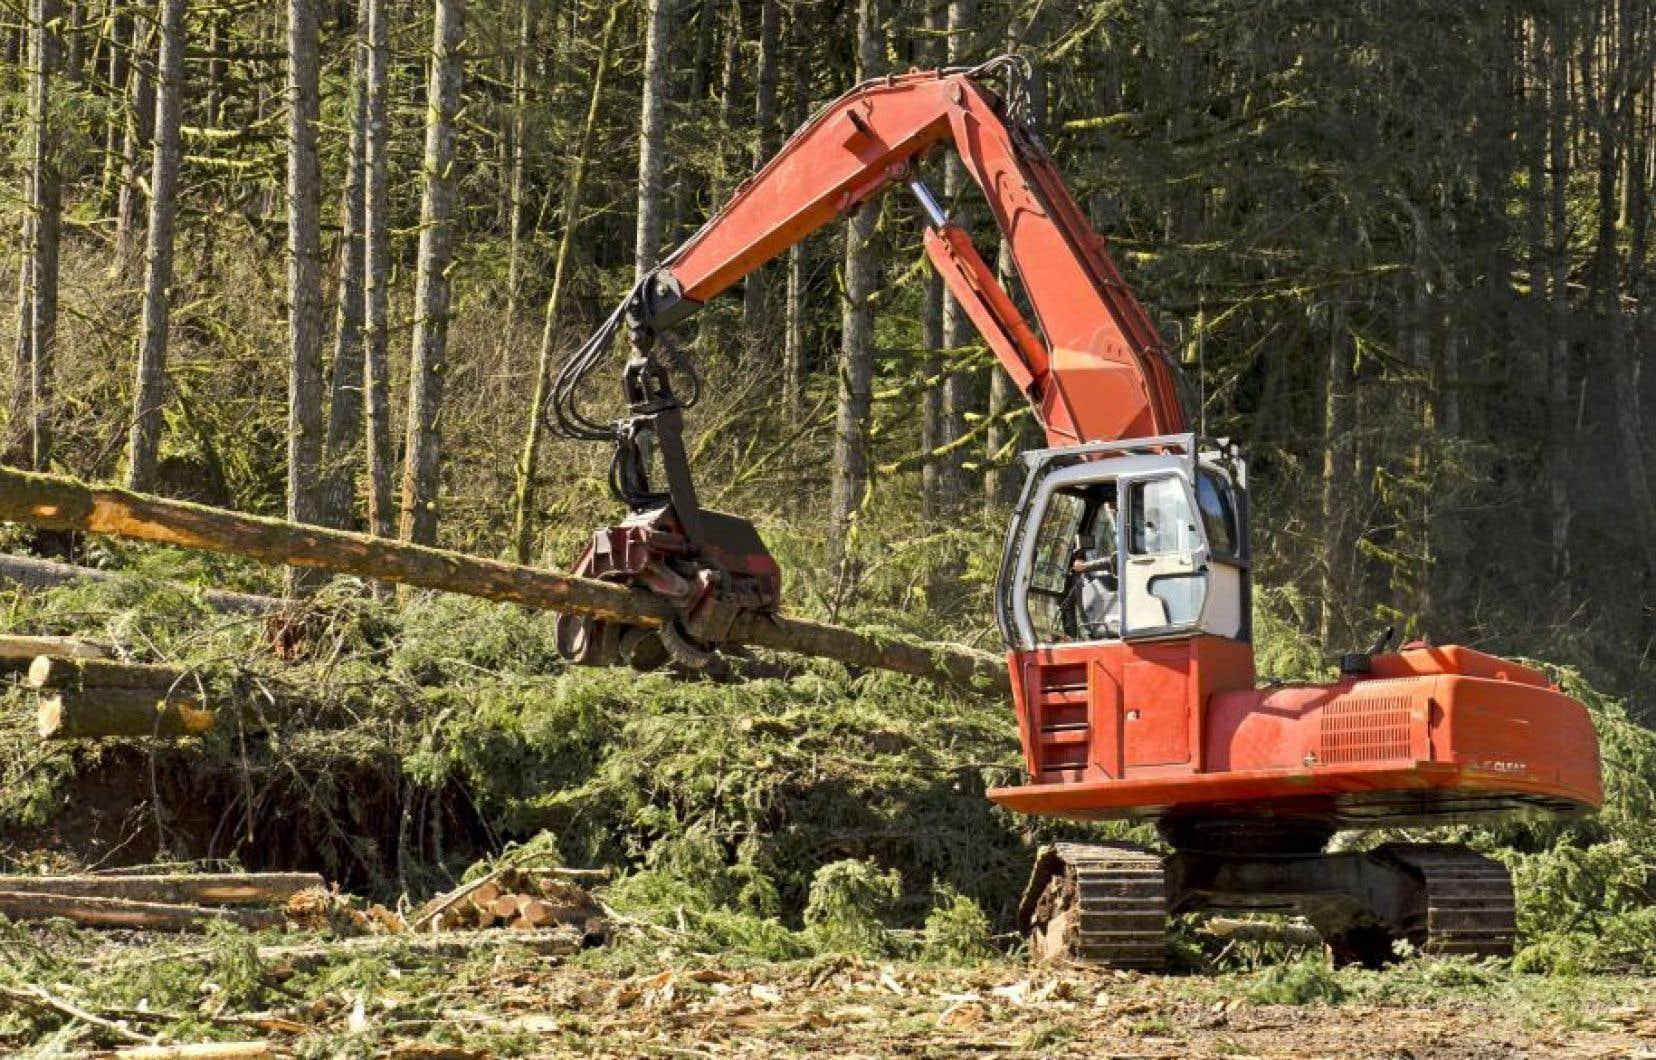 Selon Greenpeace, plusieurs paysages forestiers dans le secteur des montagnes Blanches auraient été perdus ou dégradés au cours des dernières années.